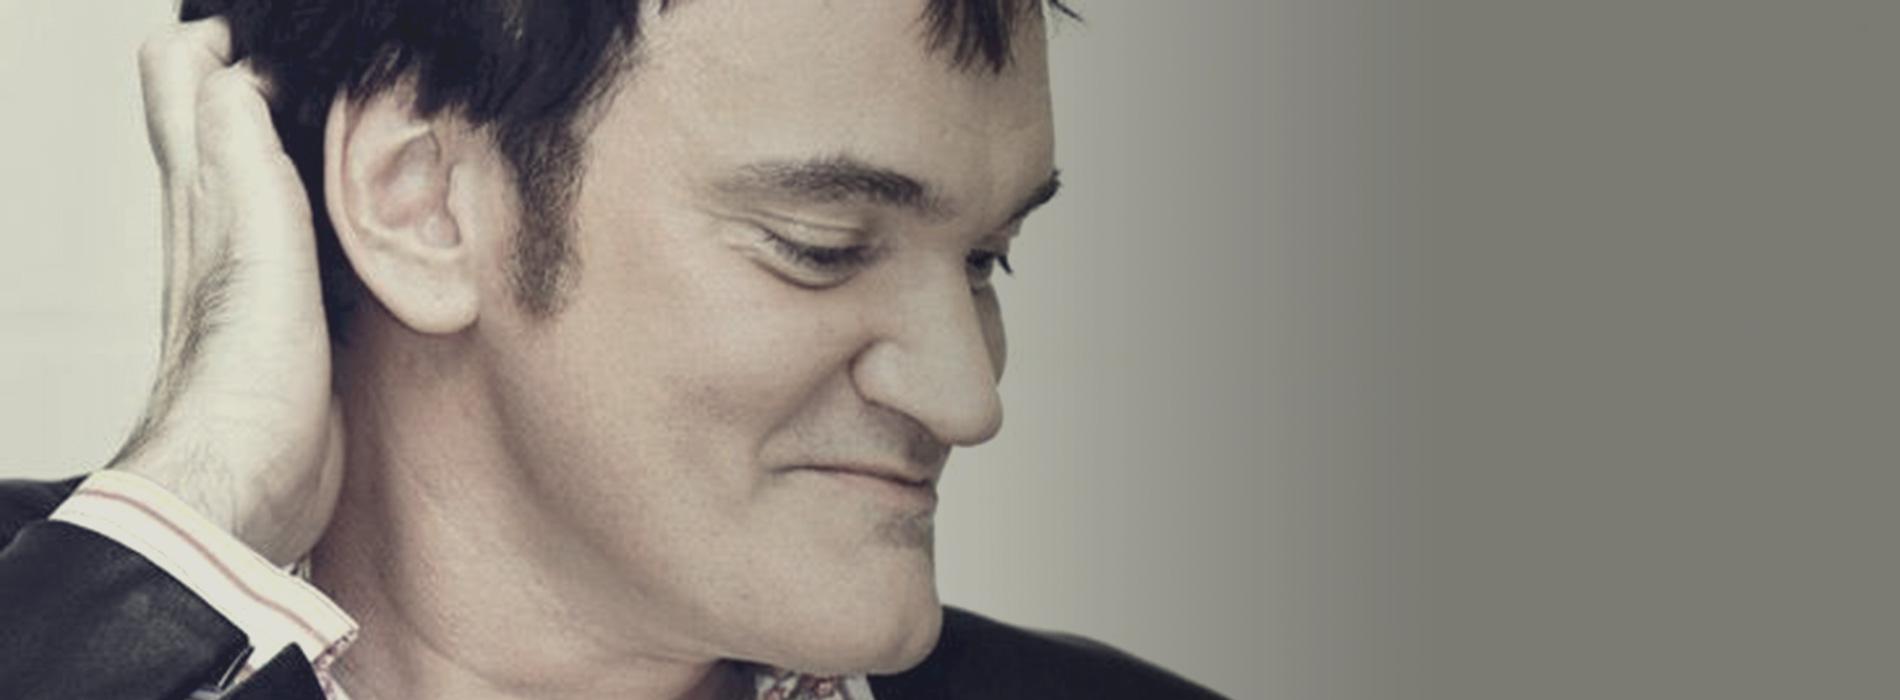 El sello de Quentin Tarantino